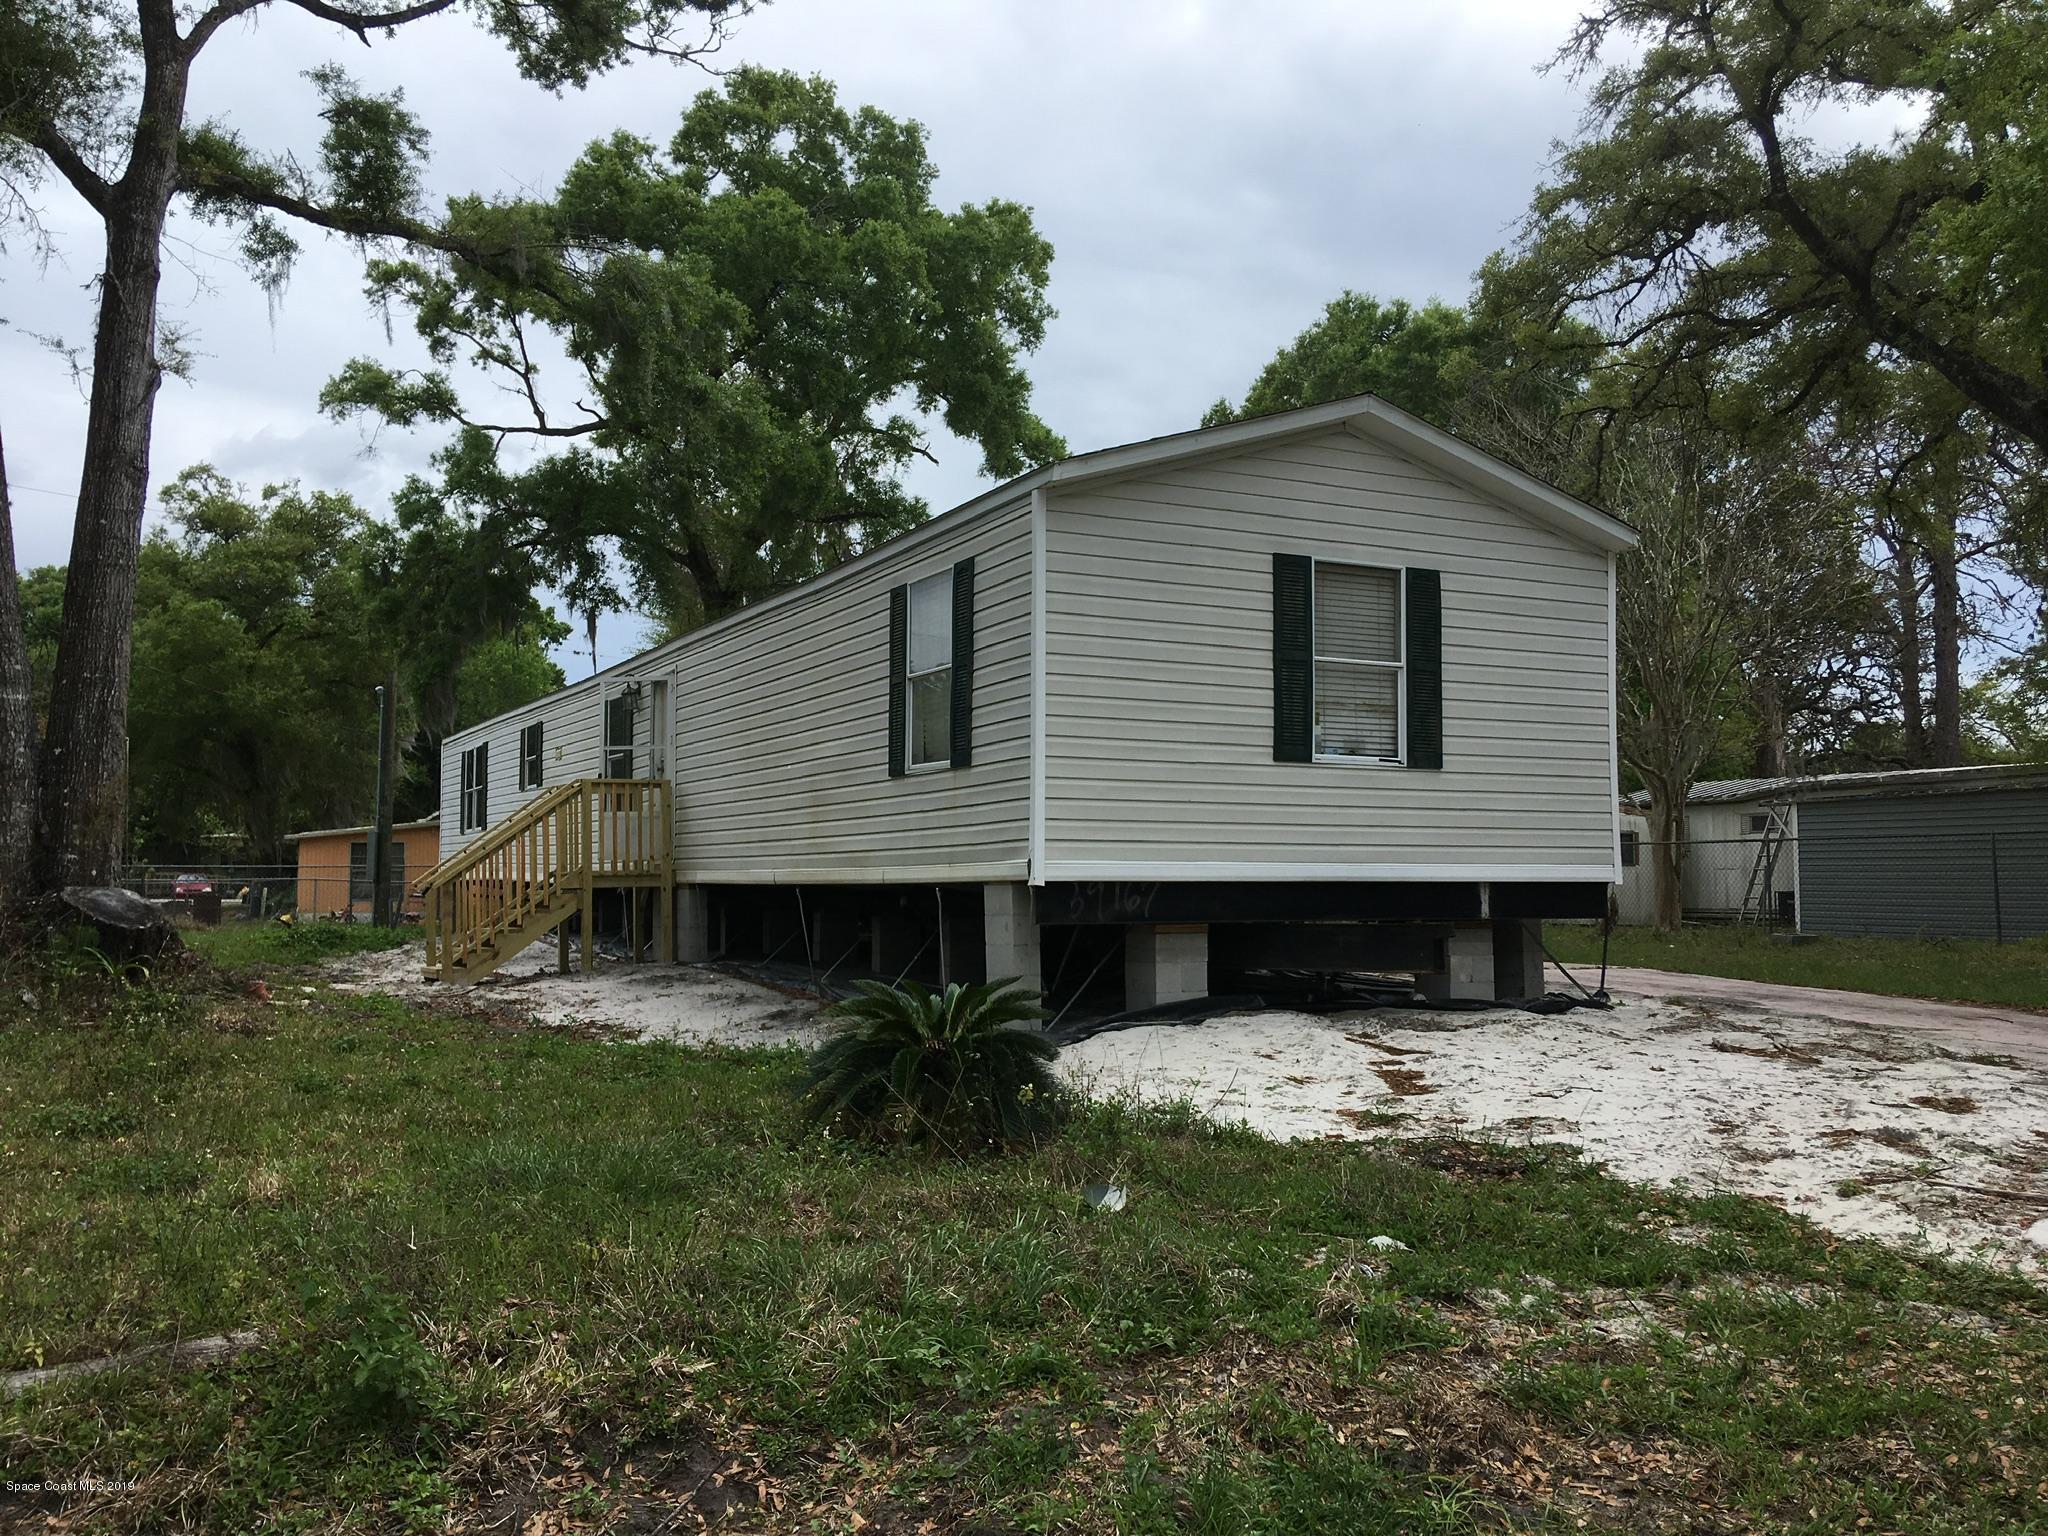 一戸建て のために 売買 アット 4152 Woodland 4152 Woodland Deland, フロリダ 32724 アメリカ